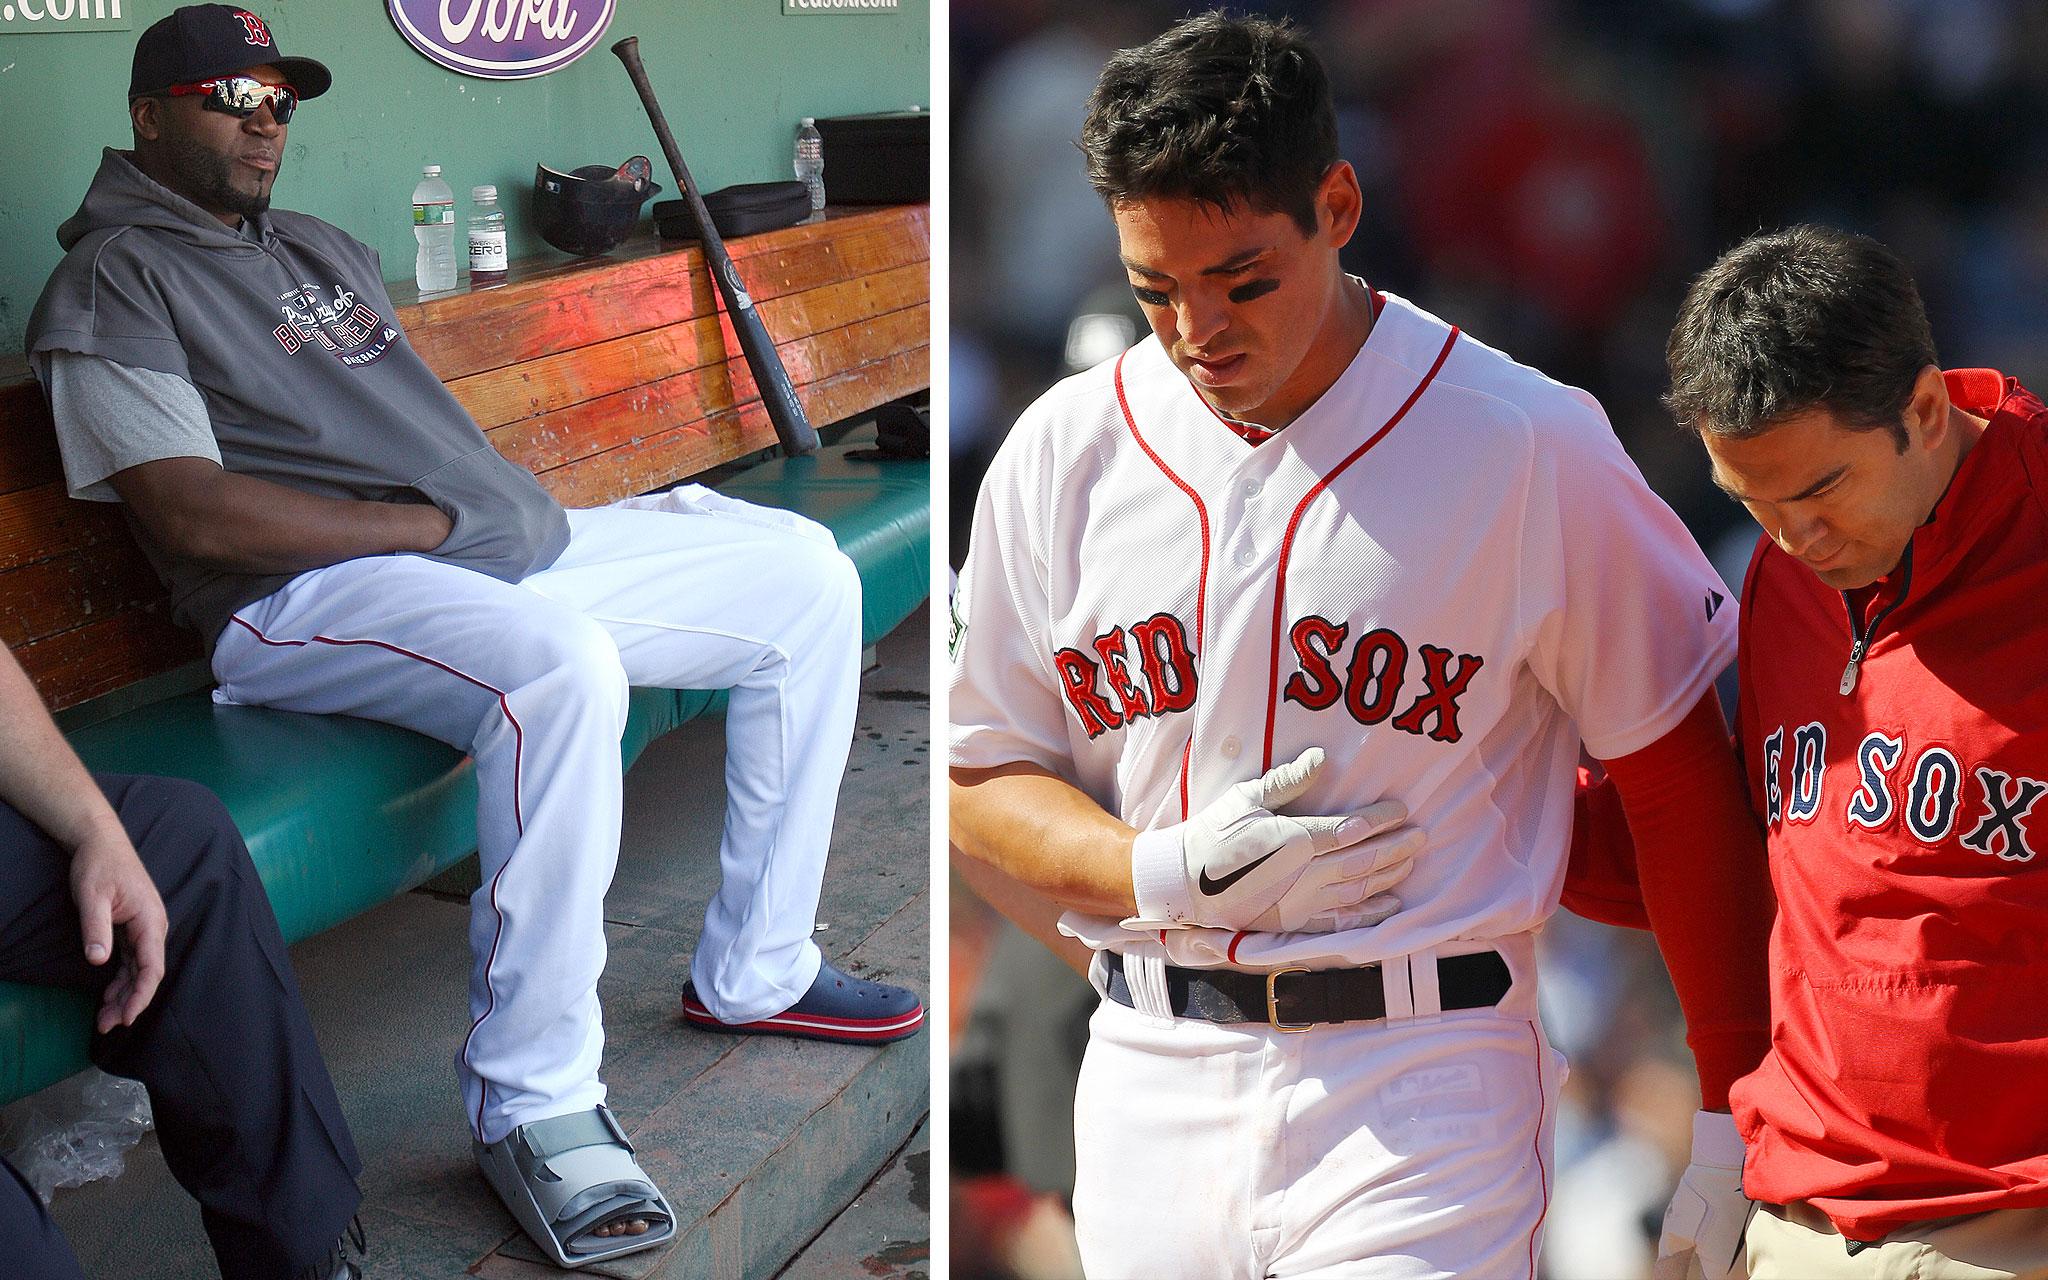 5. Injuries Help Sink Sox